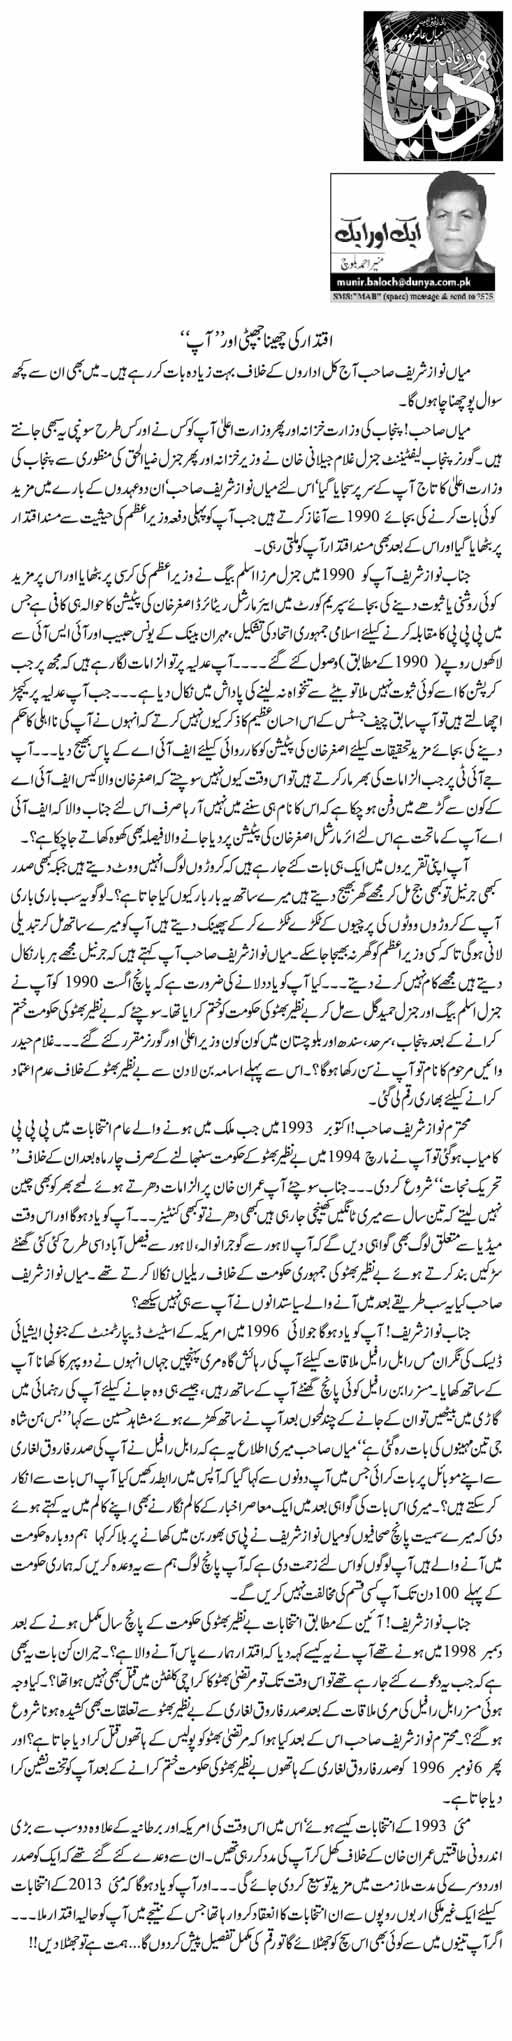 Munir Ahmad Baloch - 17 August 2017